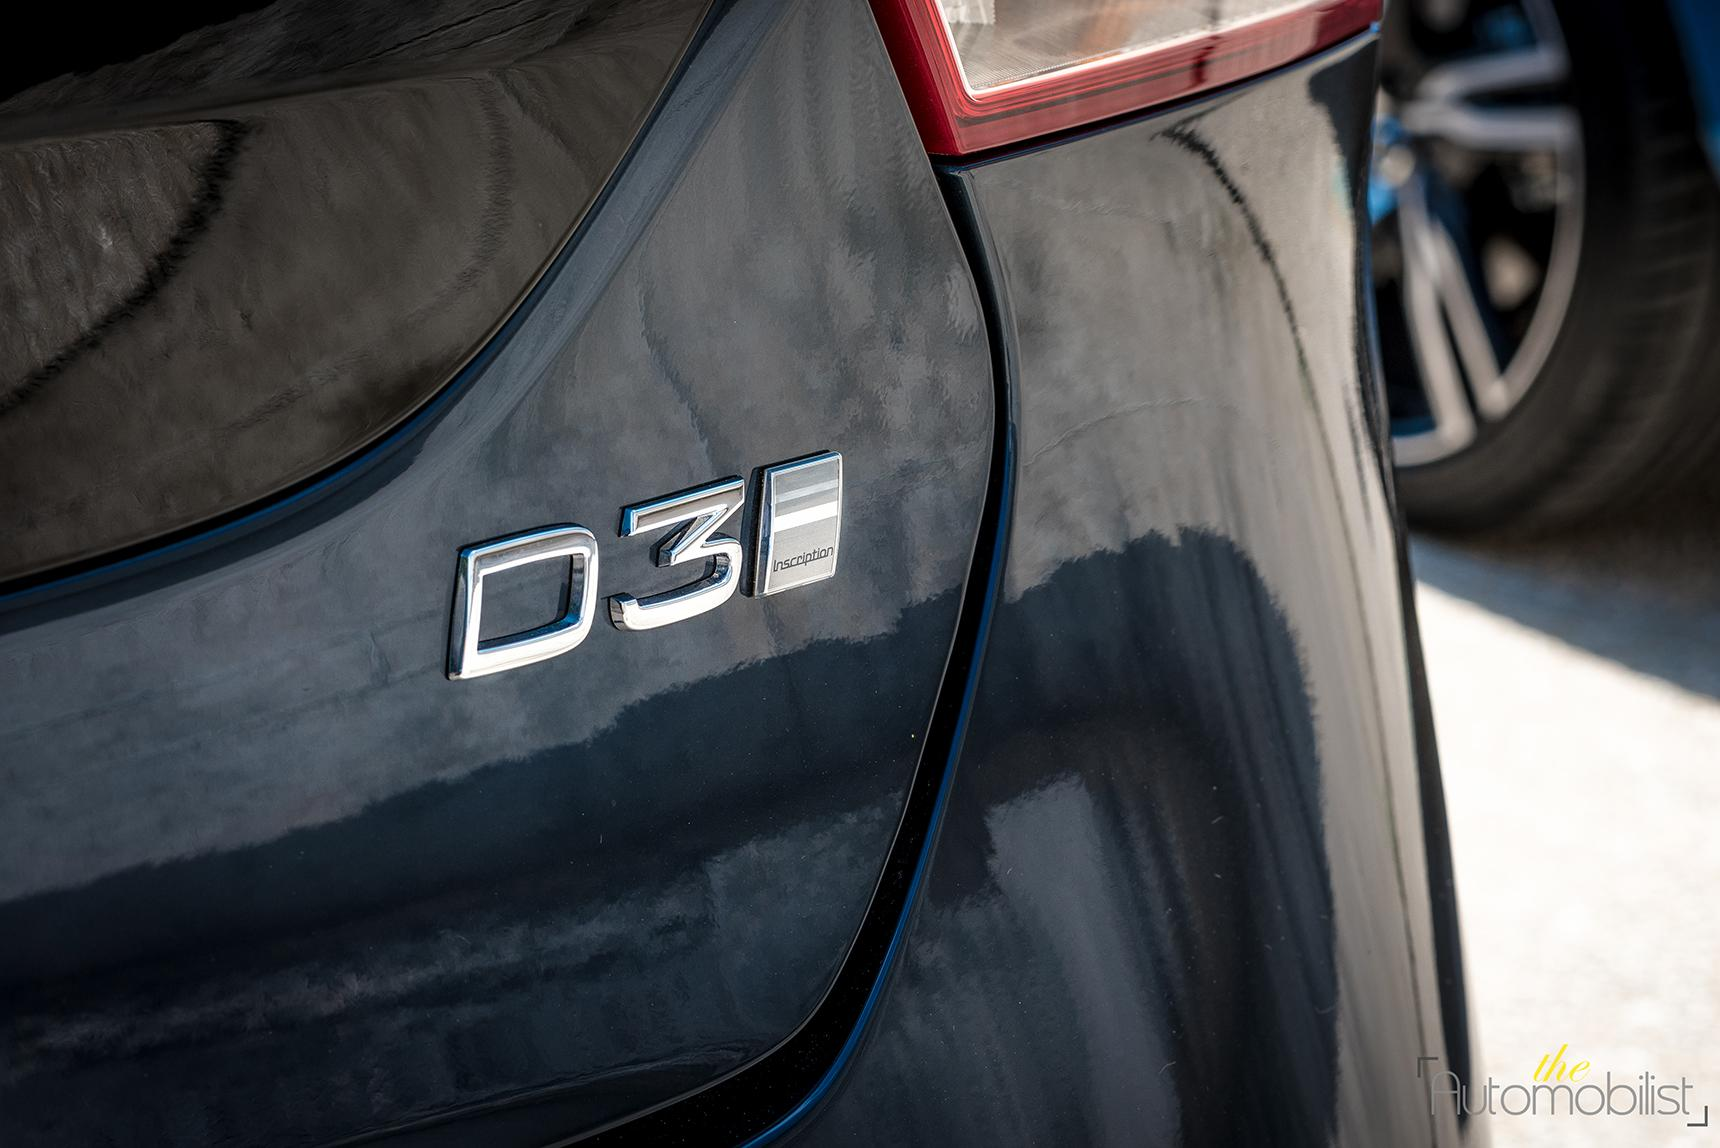 nouvelle-volvo-v40-badge-d3-inscription.jpg